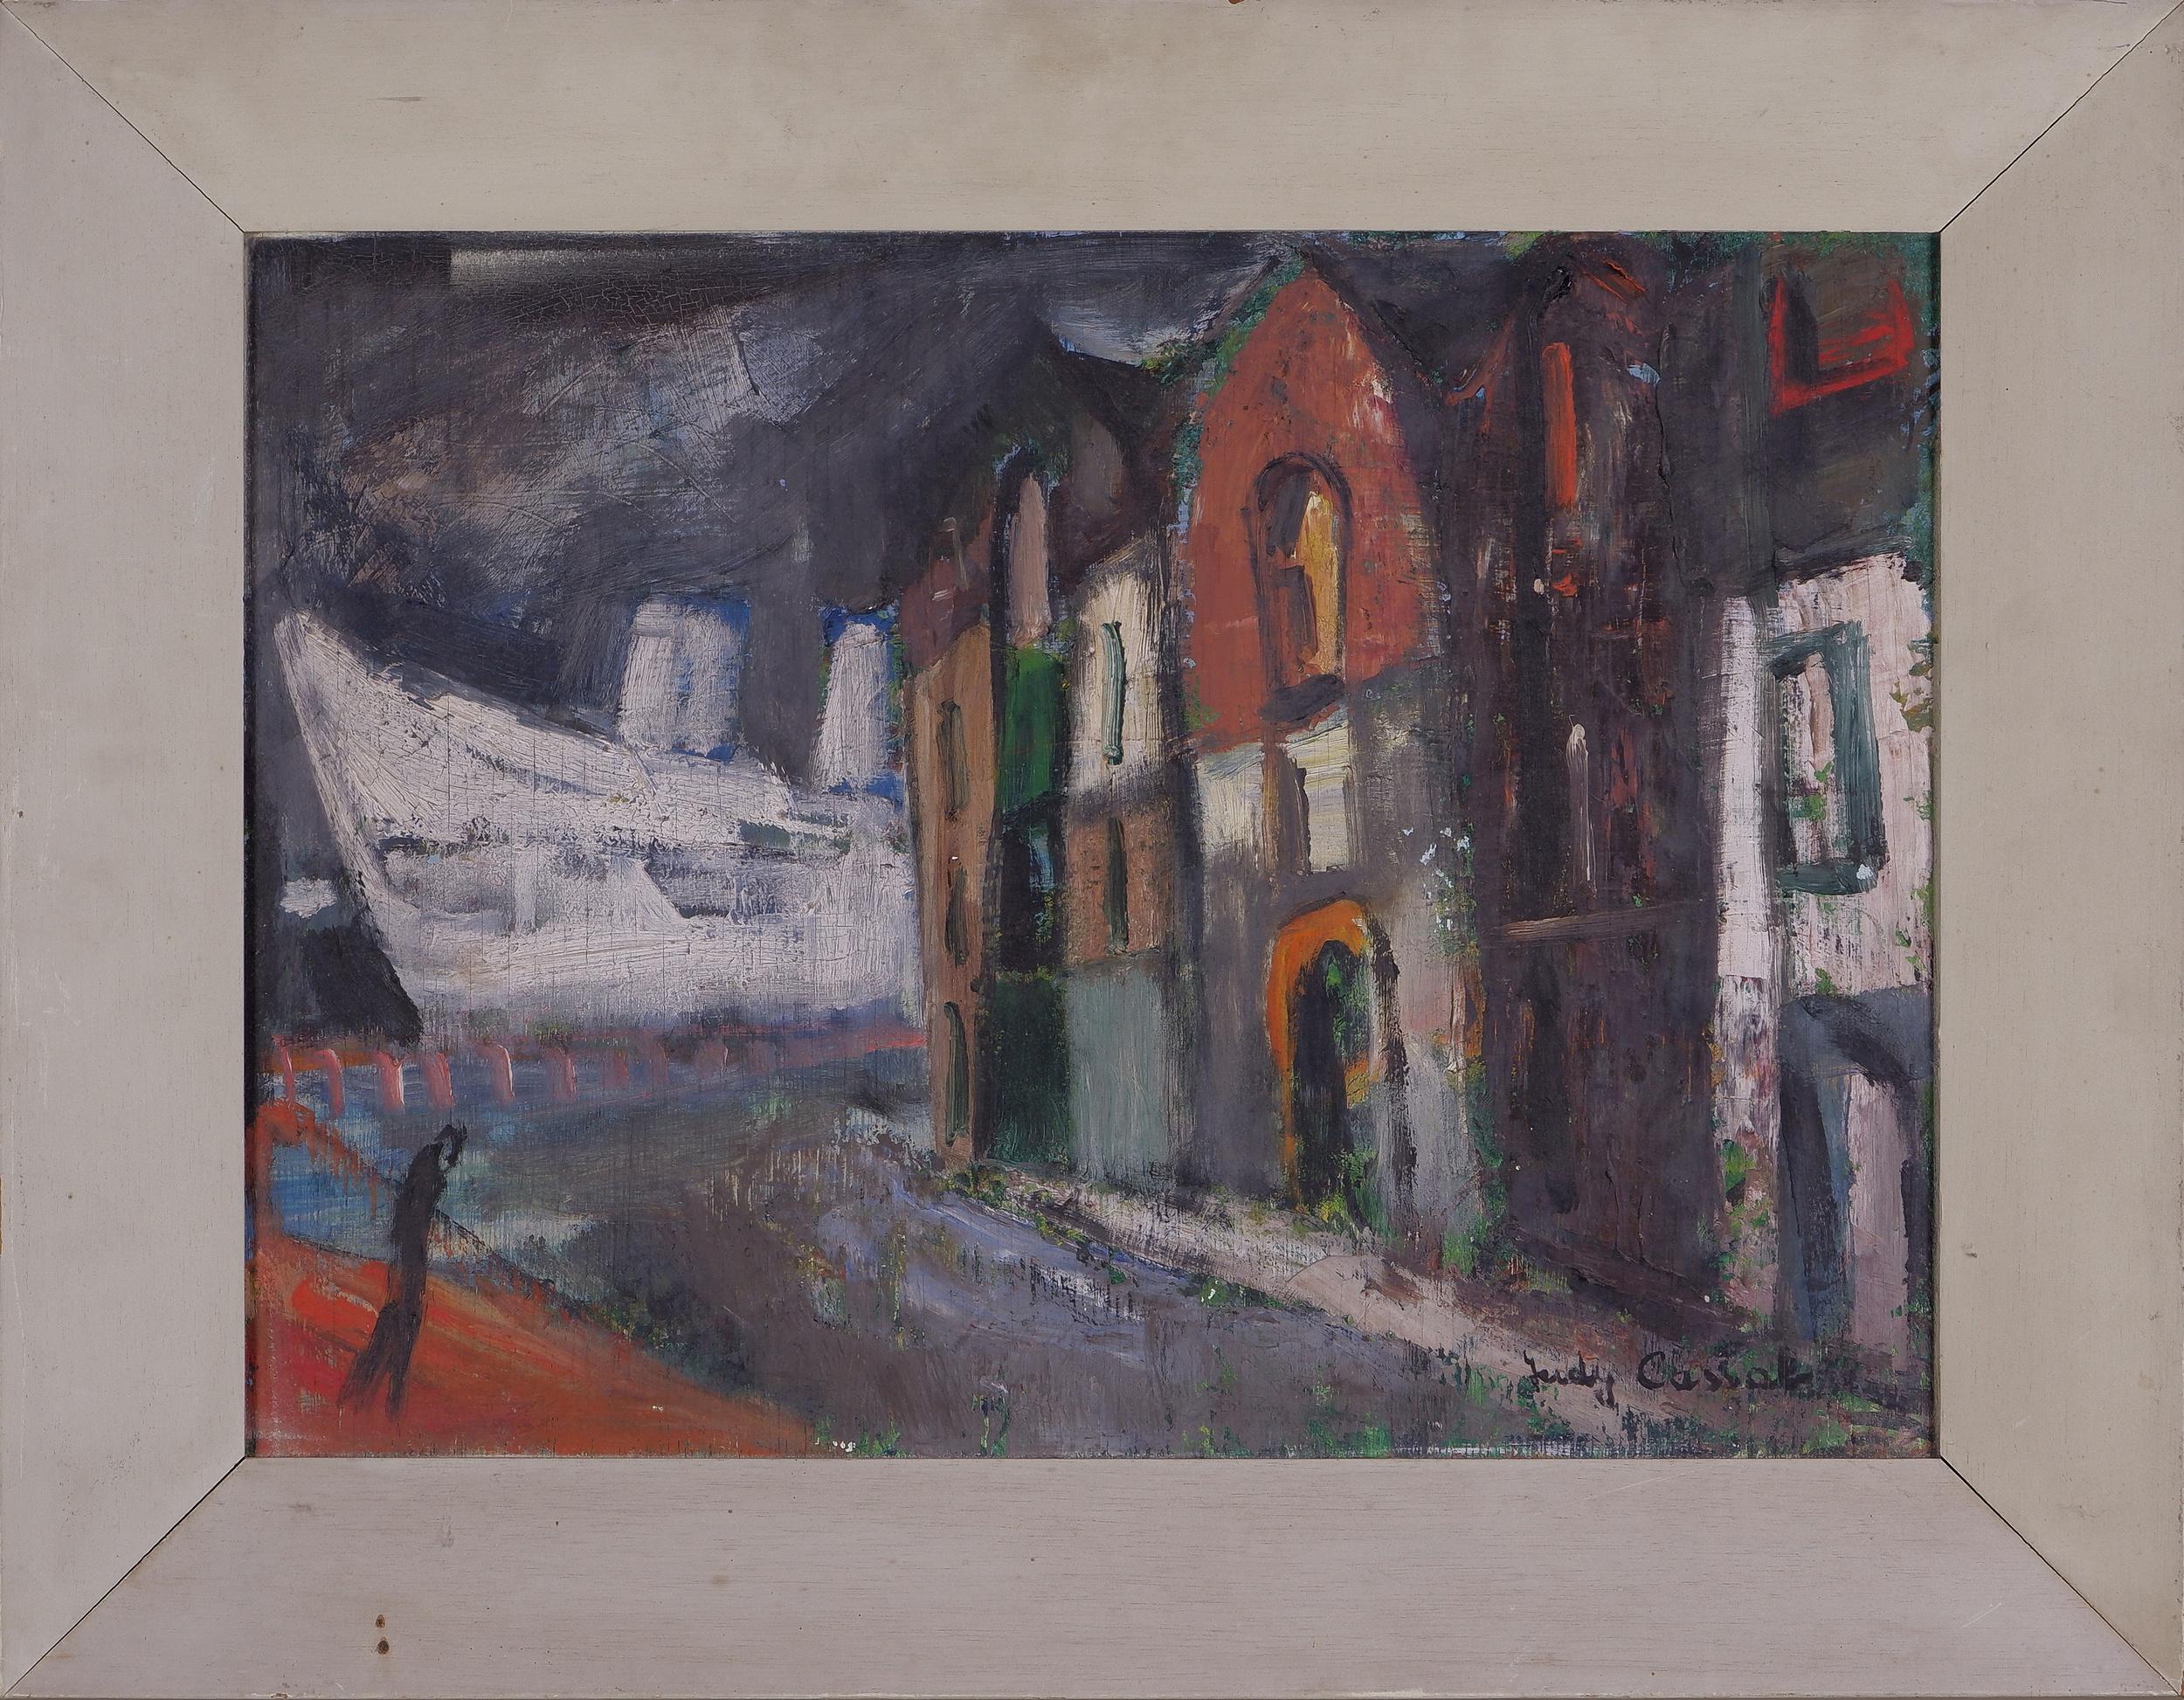 'Judy Cassab (1920-2015), Woolloomooloo, Oil on Board'